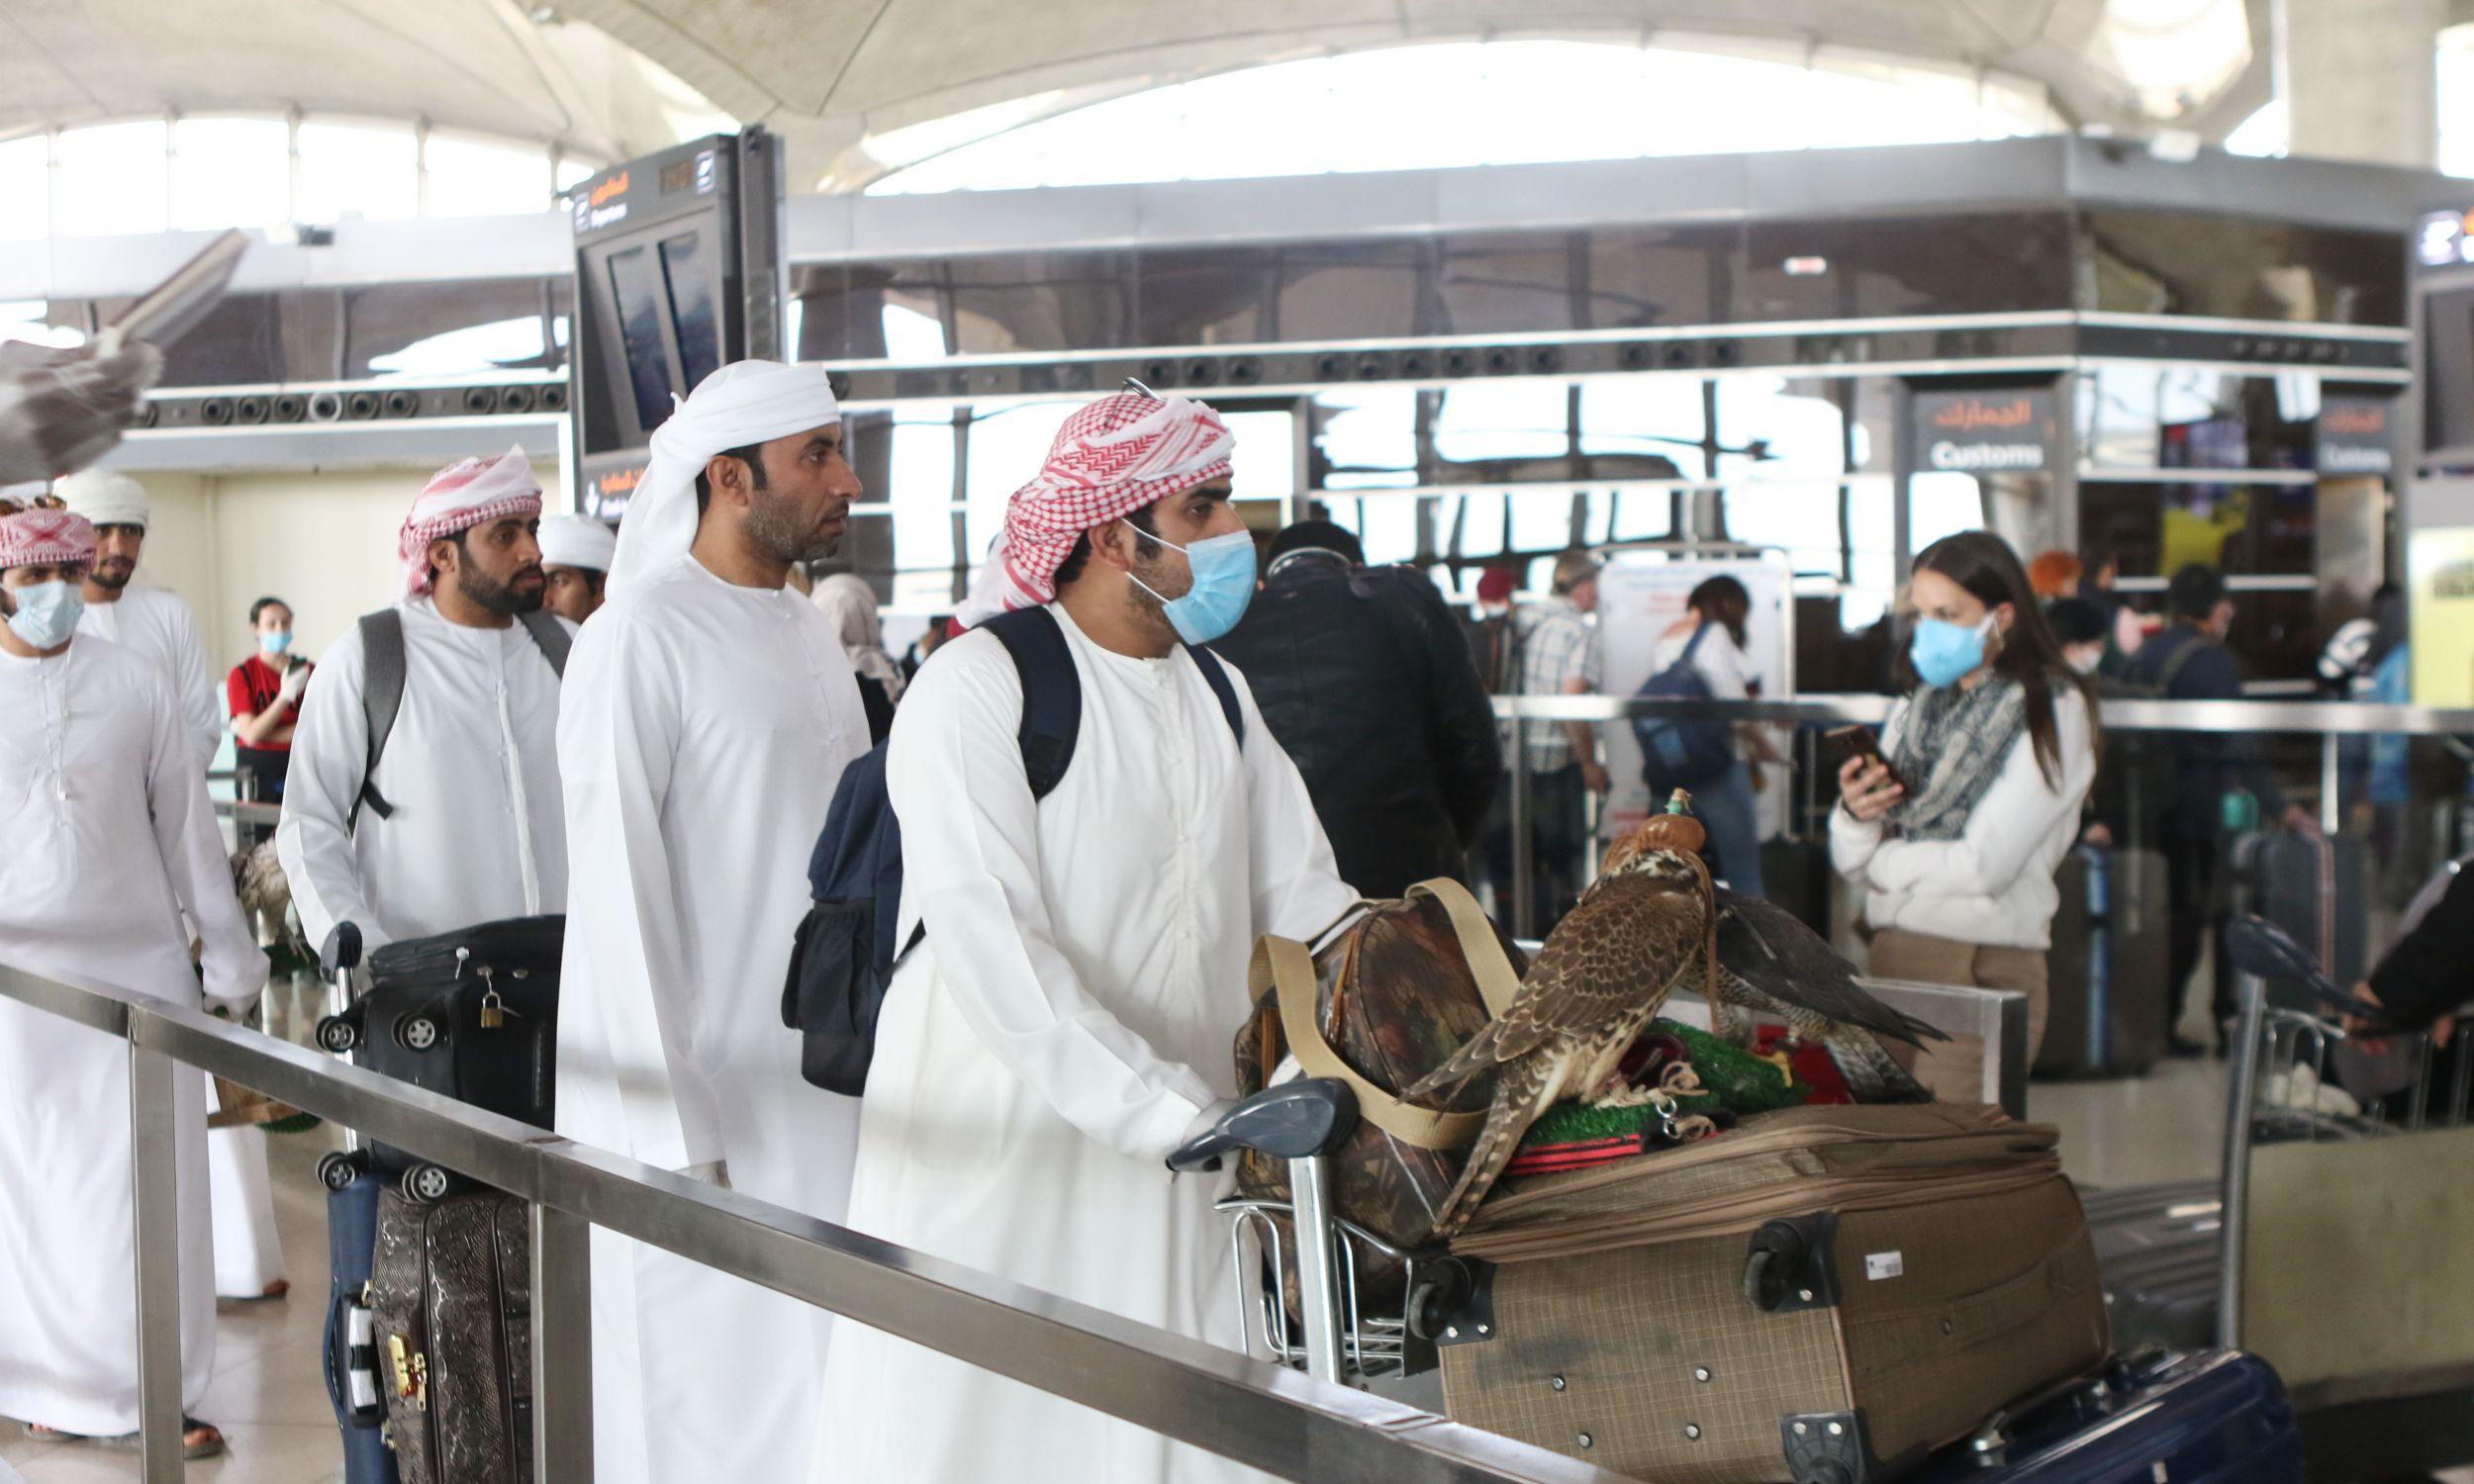 Katarczycy wracają do kraju z polowania na pustyni, wraz z setkami innych pasażerów odprawiających się na lotnisku Queen Alia w Ammanie, w ostatnich godzinach przed zamknięciem jordańskiej granicy z powodu zagrożenia koronawirusem. 16 marca 2020. Fot. Jordan Pix/Getty Images